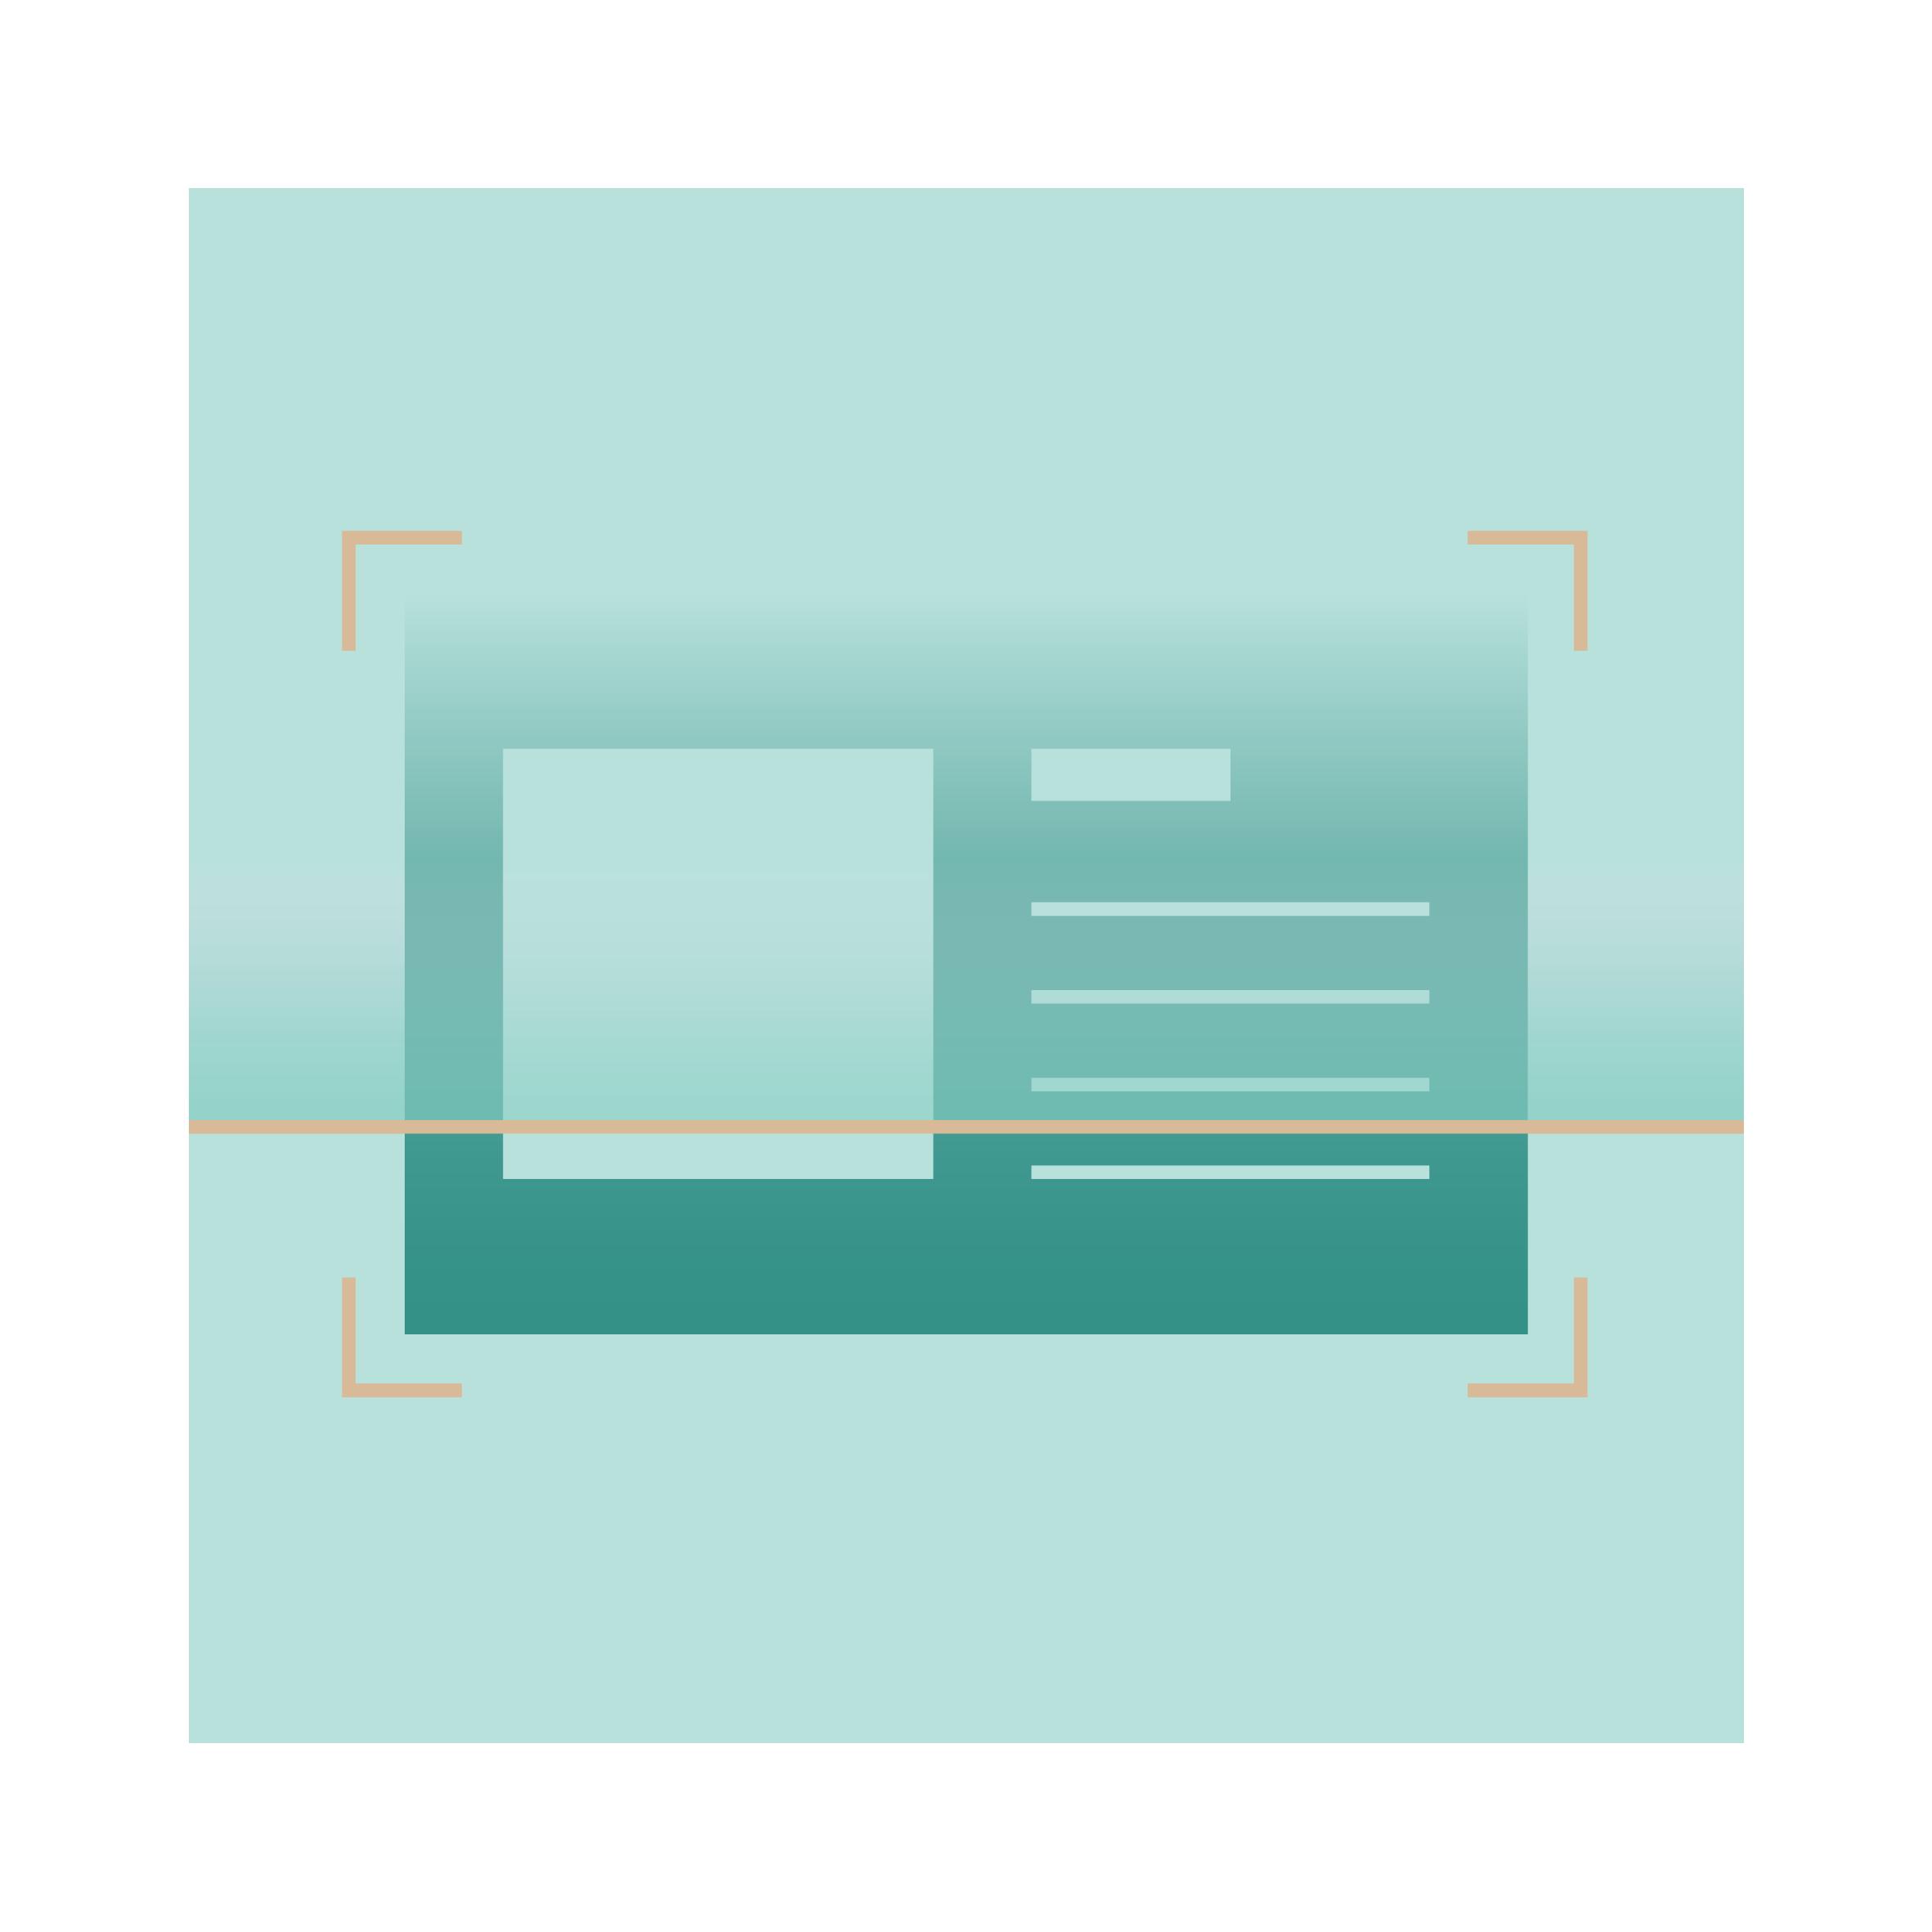 AML and KYC checks tab image